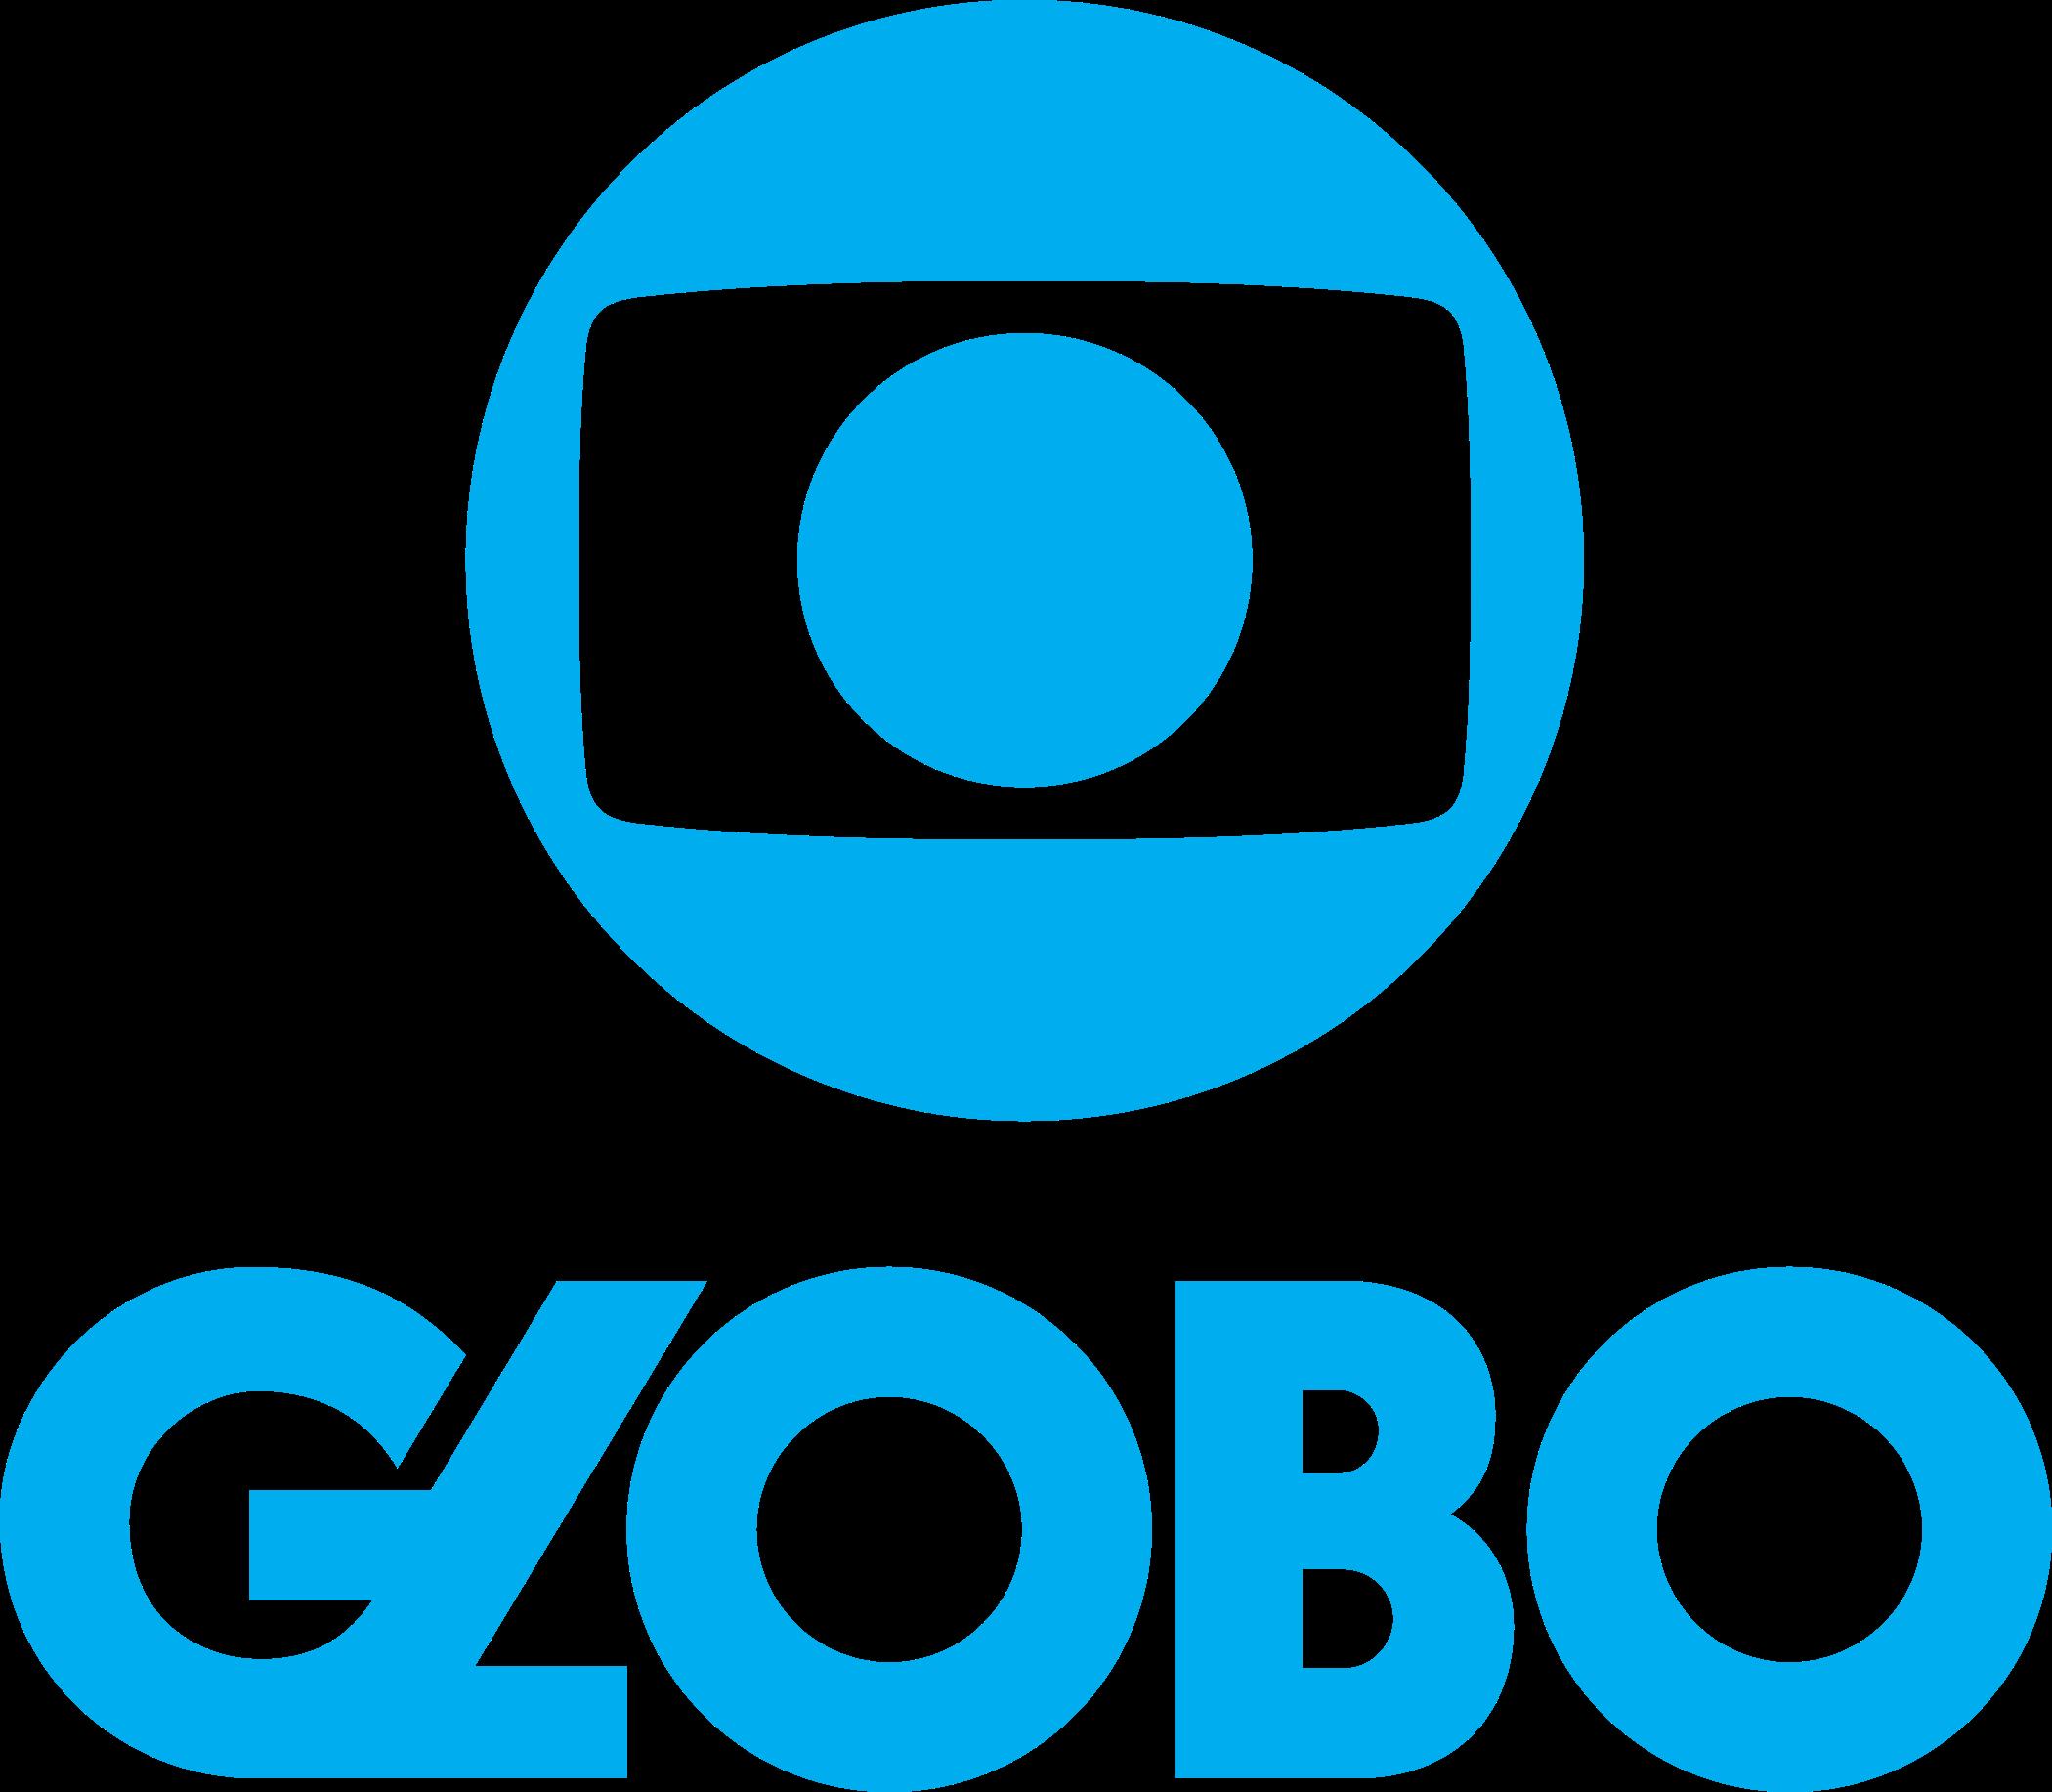 Rdde Globo TV logo.